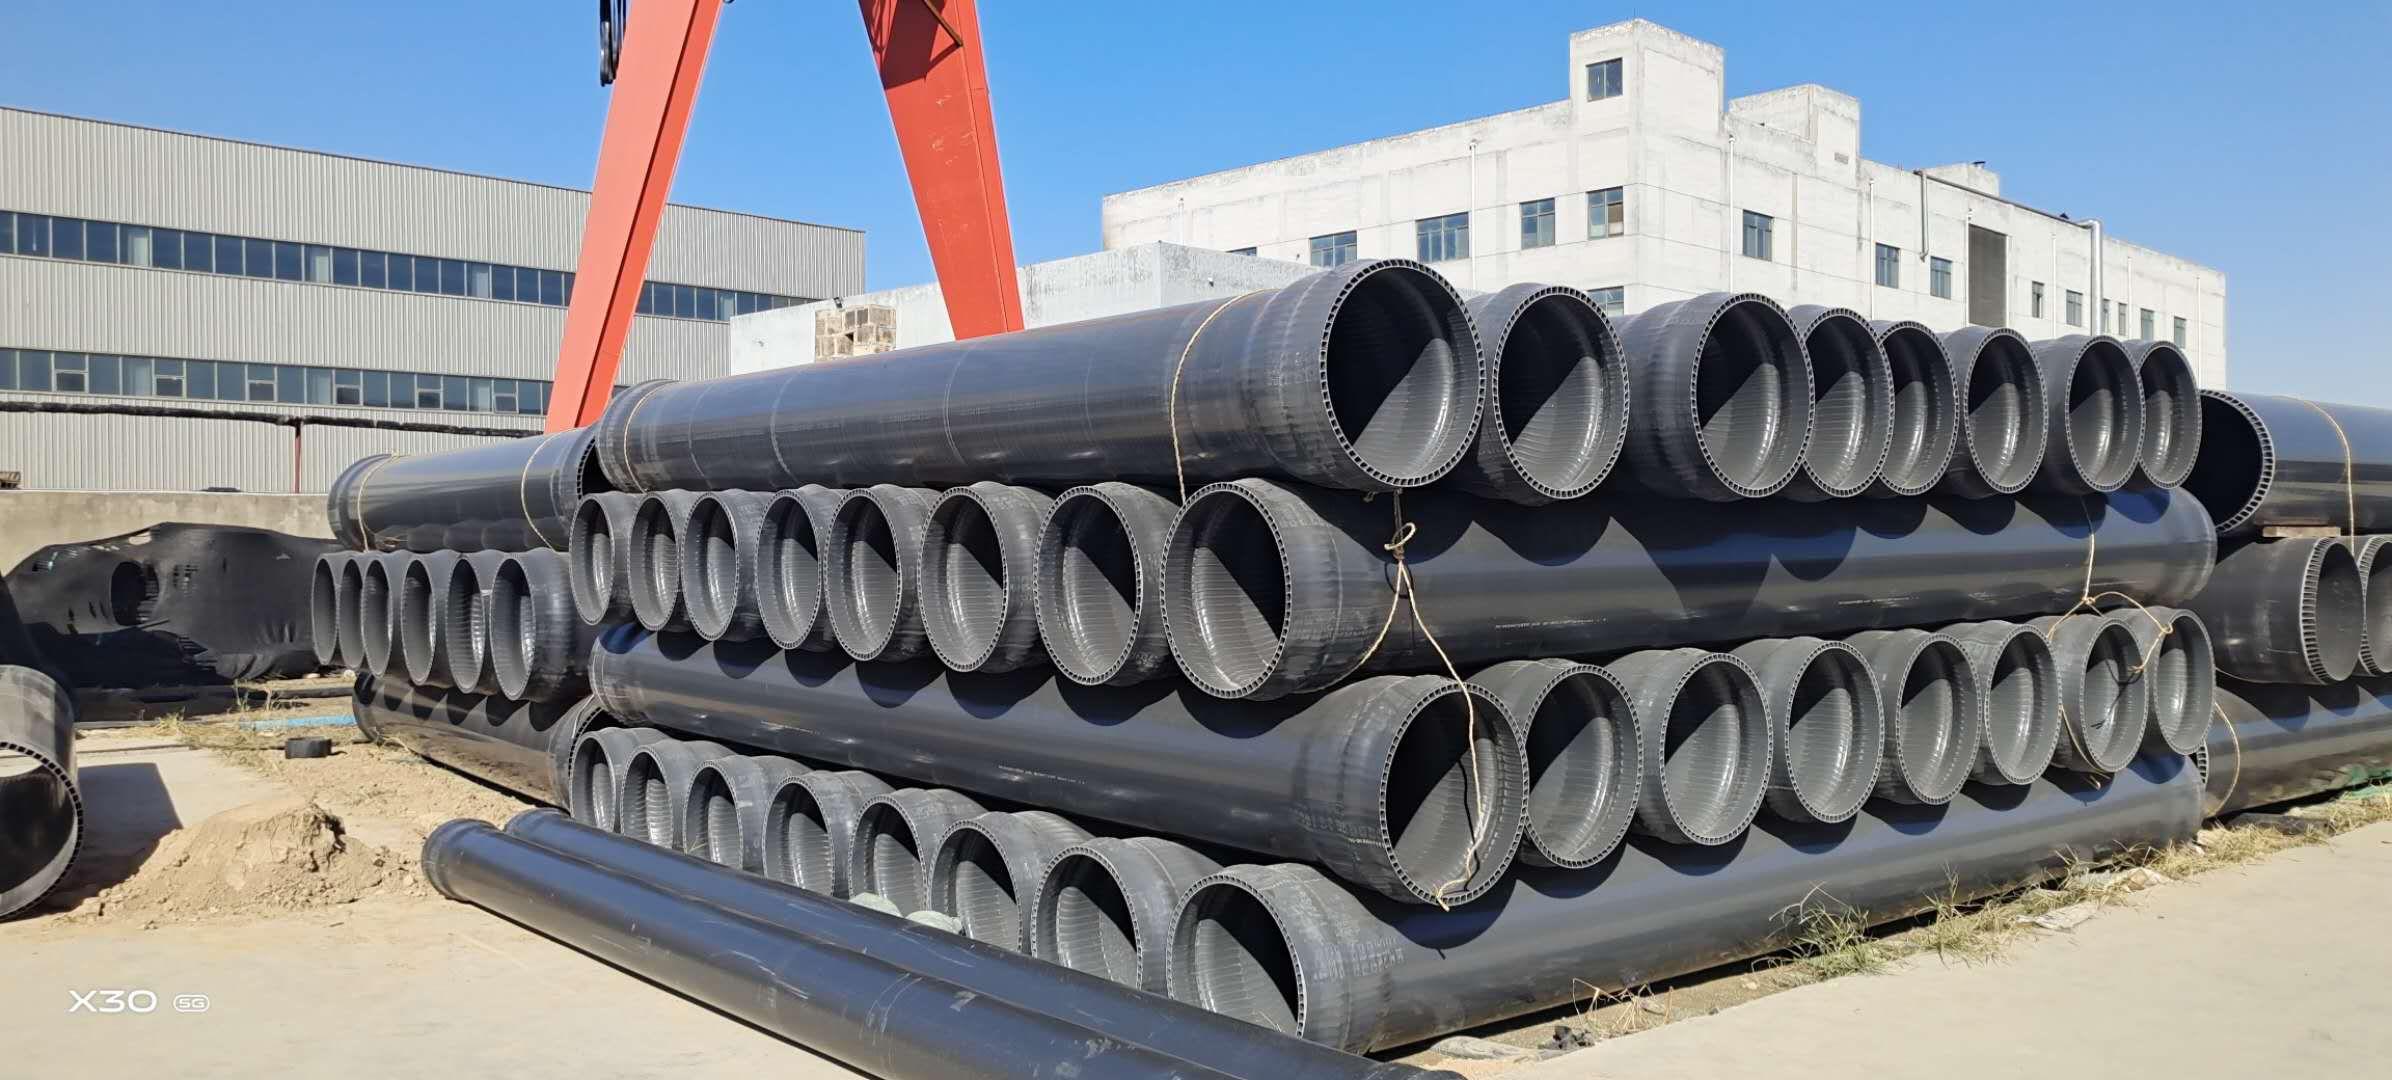 PVC-永丰U双层轴向中空壁管